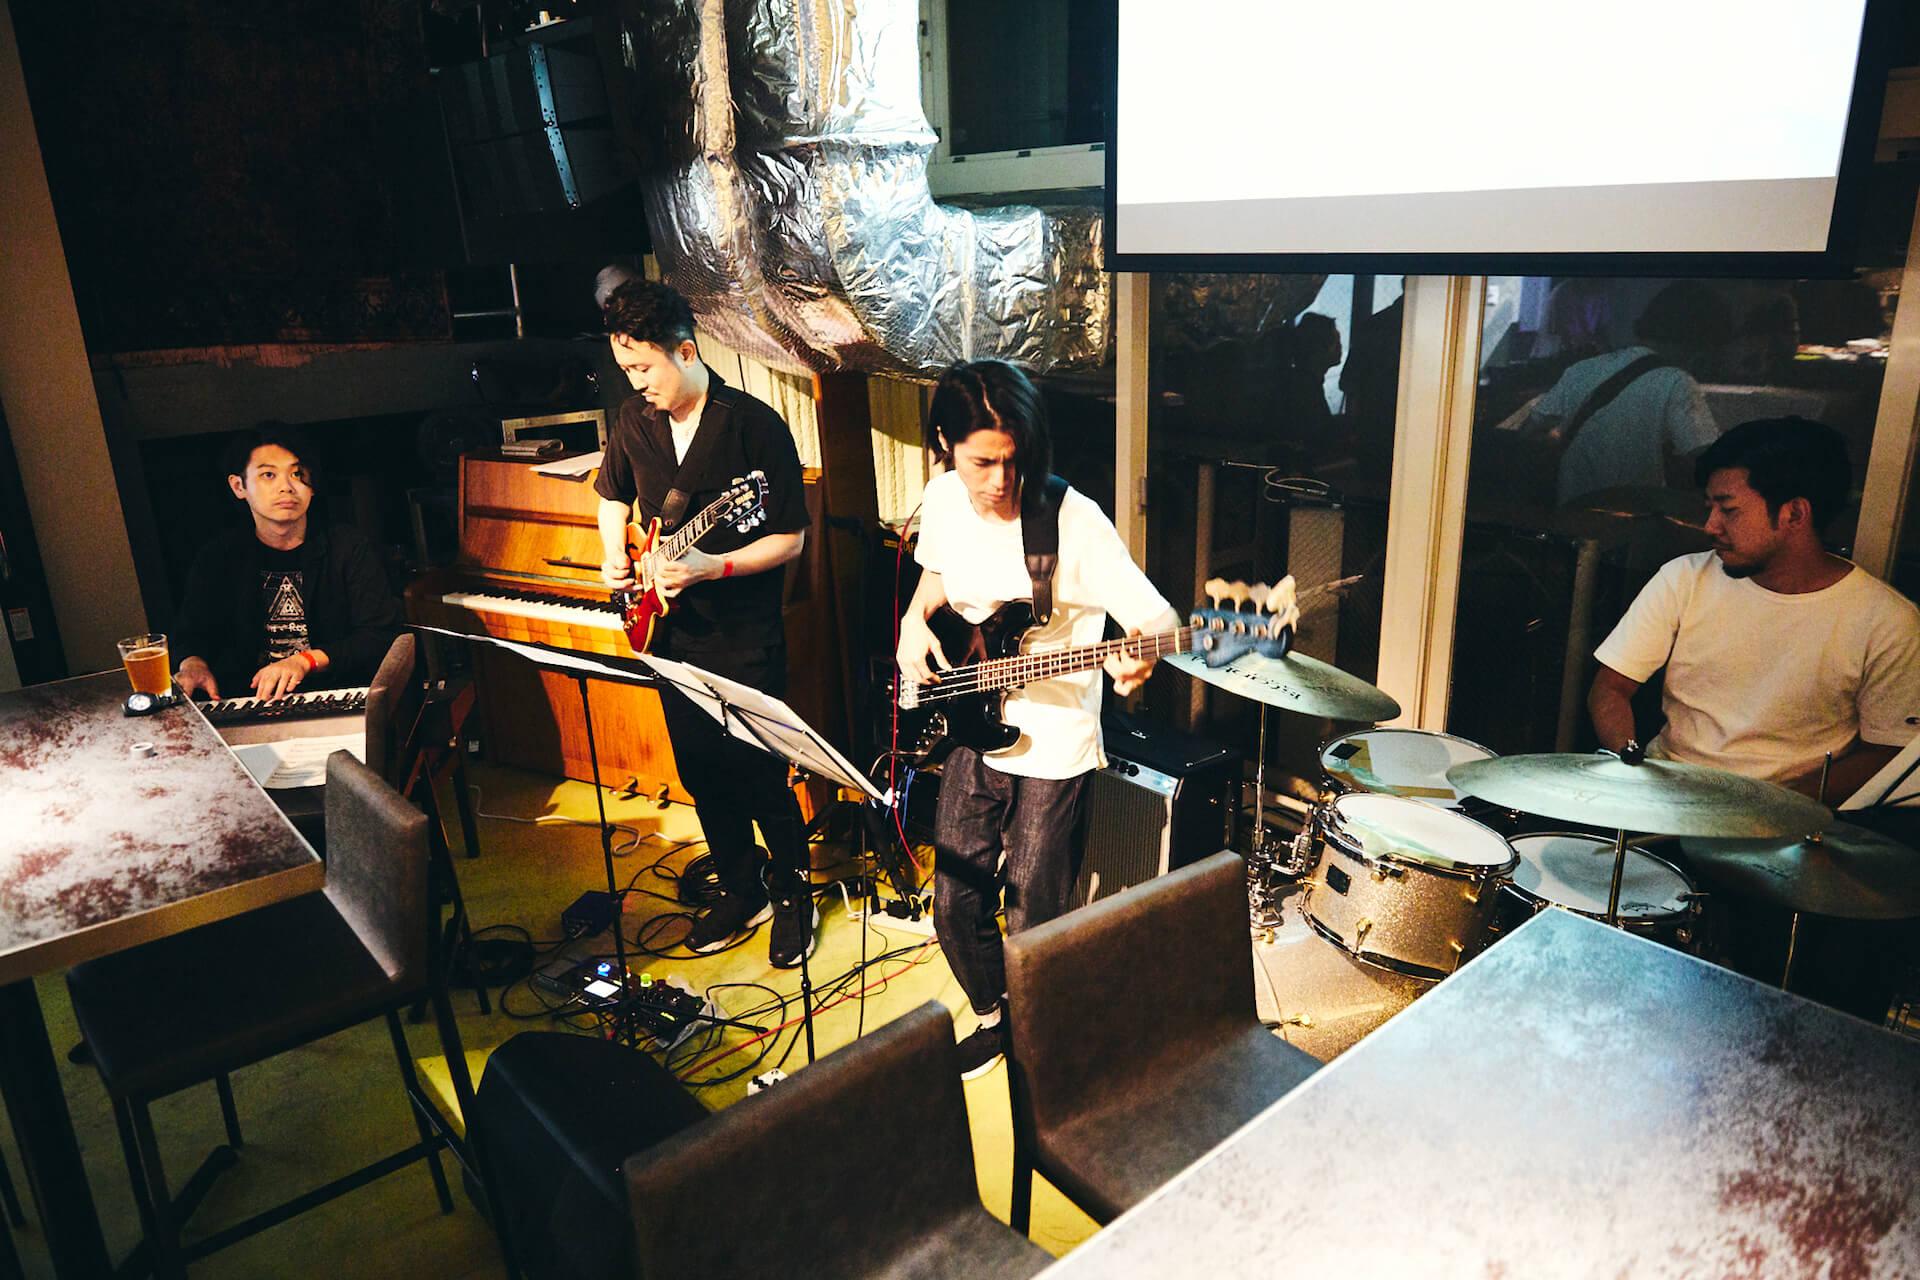 歌舞伎町から新しい音楽の楽しみ方を cokumn191023-mugioto-2